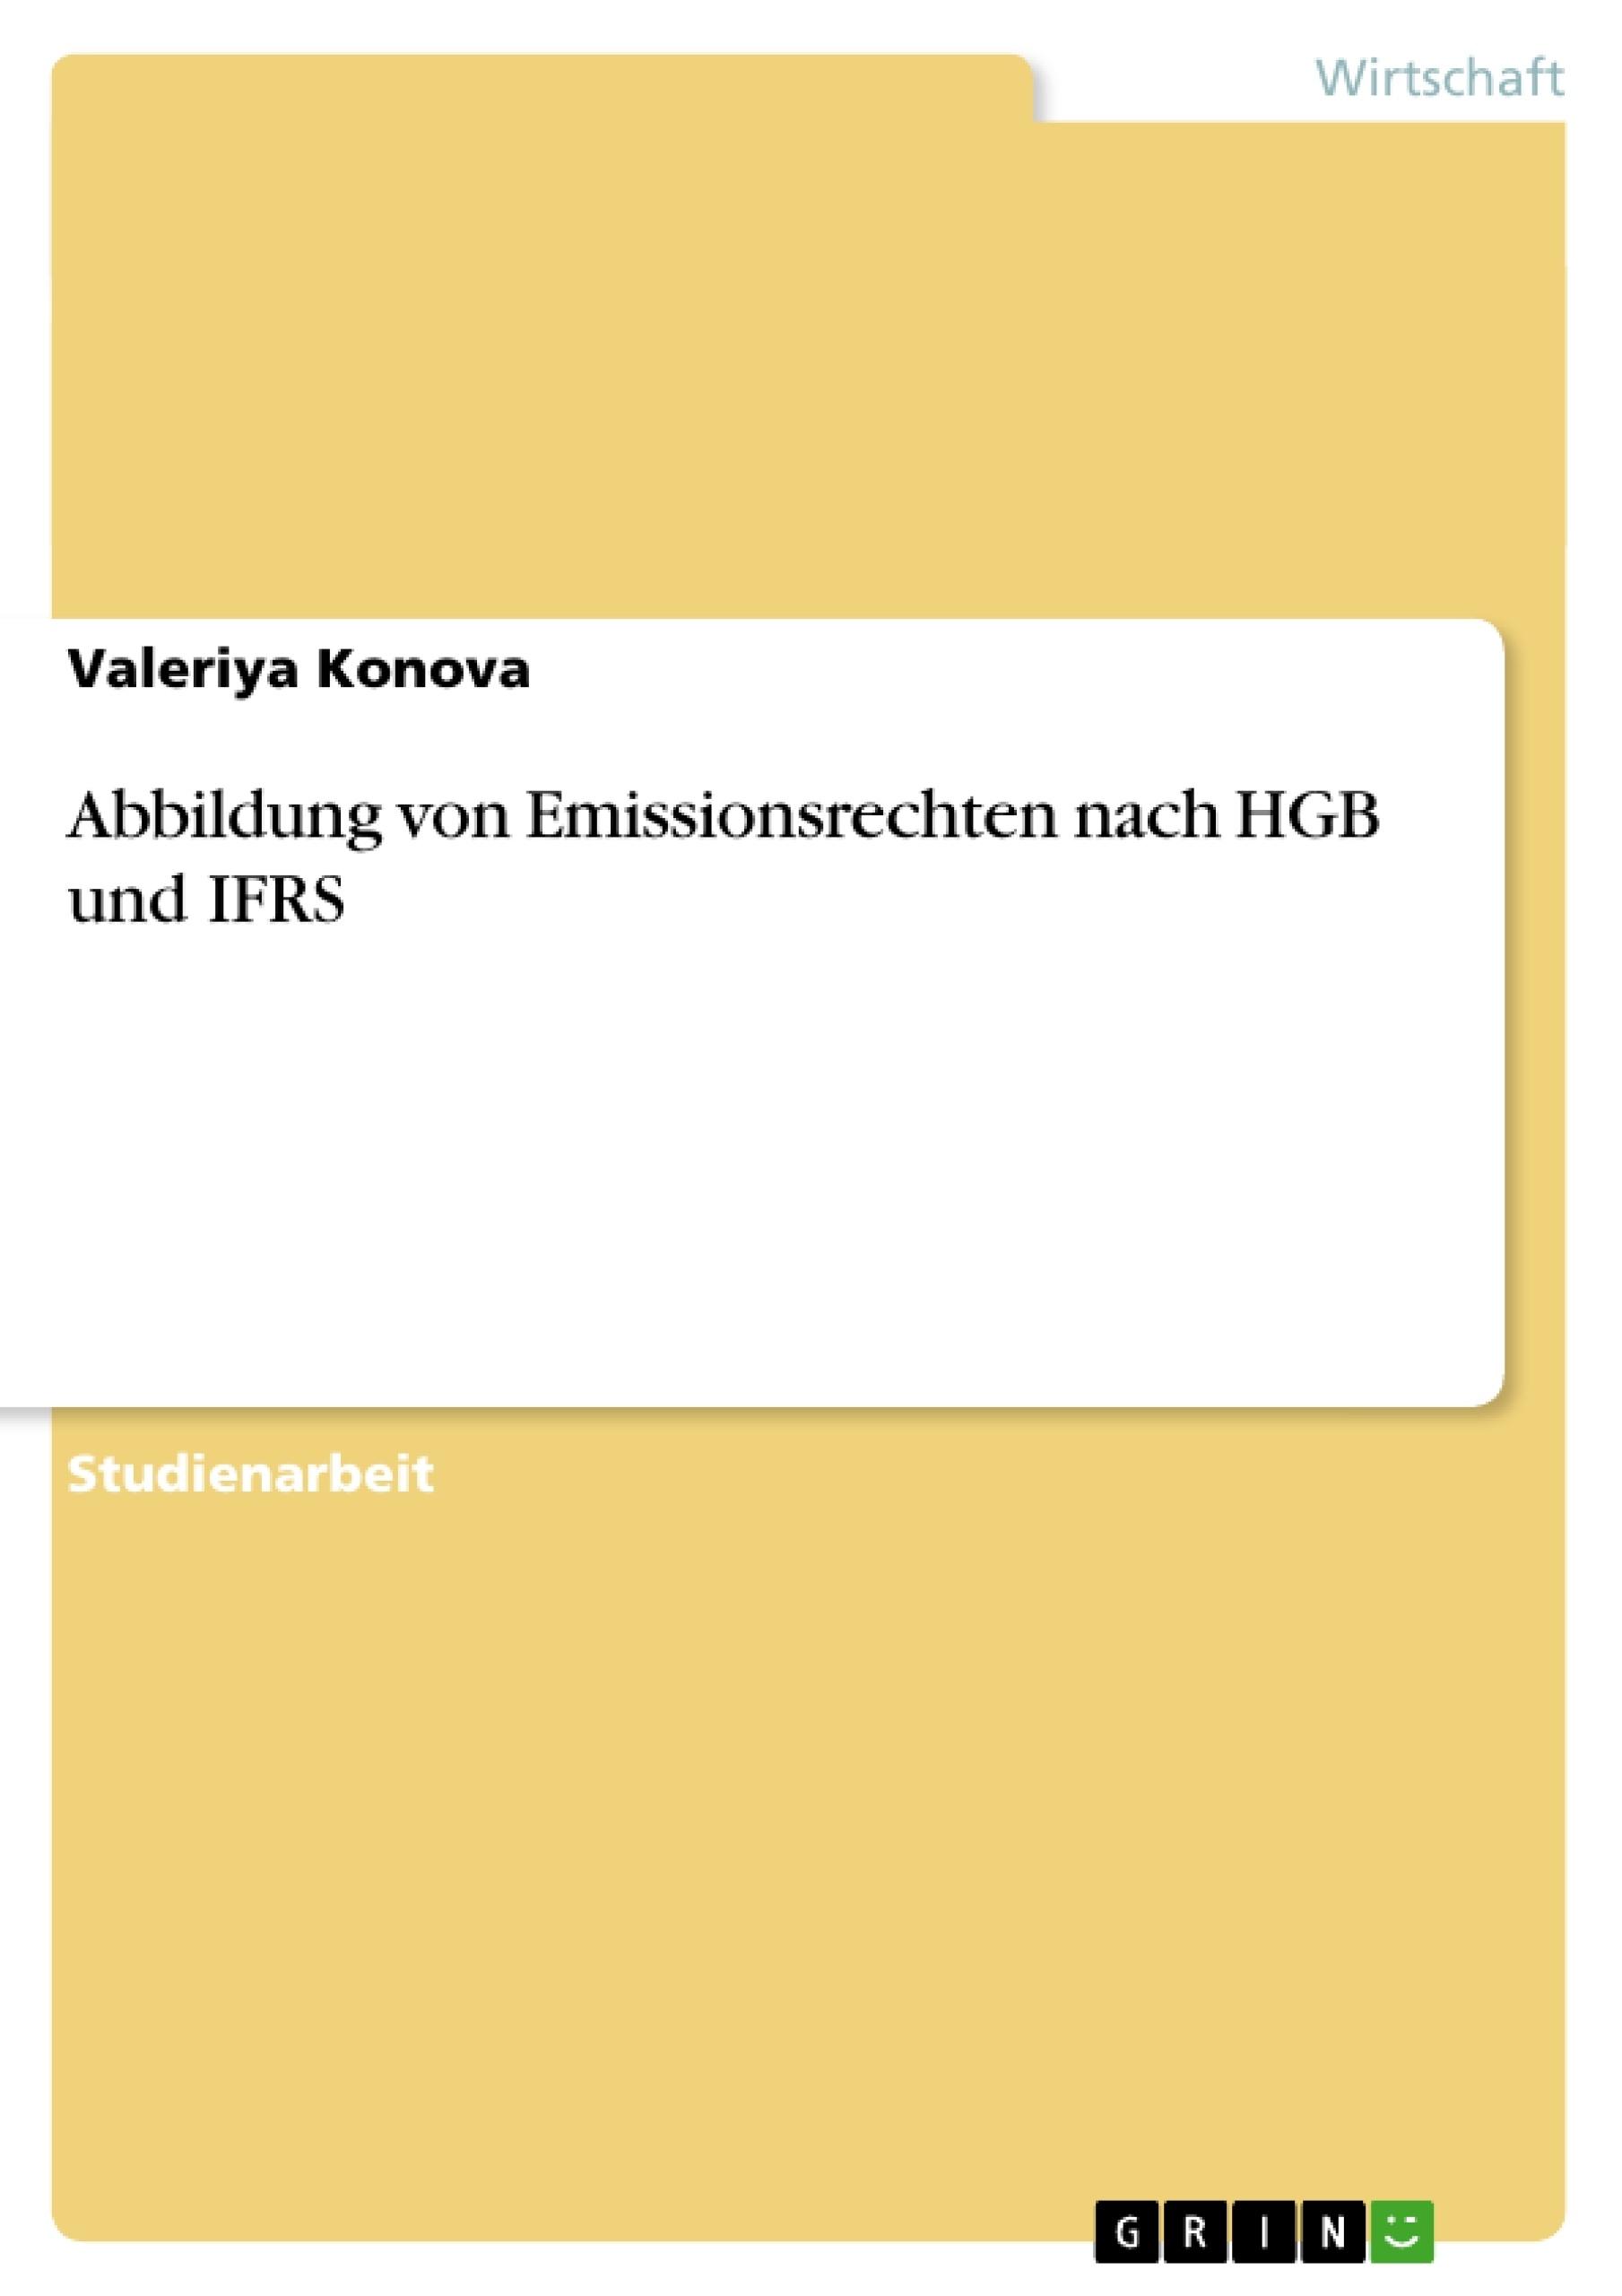 Titel: Abbildung von Emissionsrechten nach HGB und IFRS